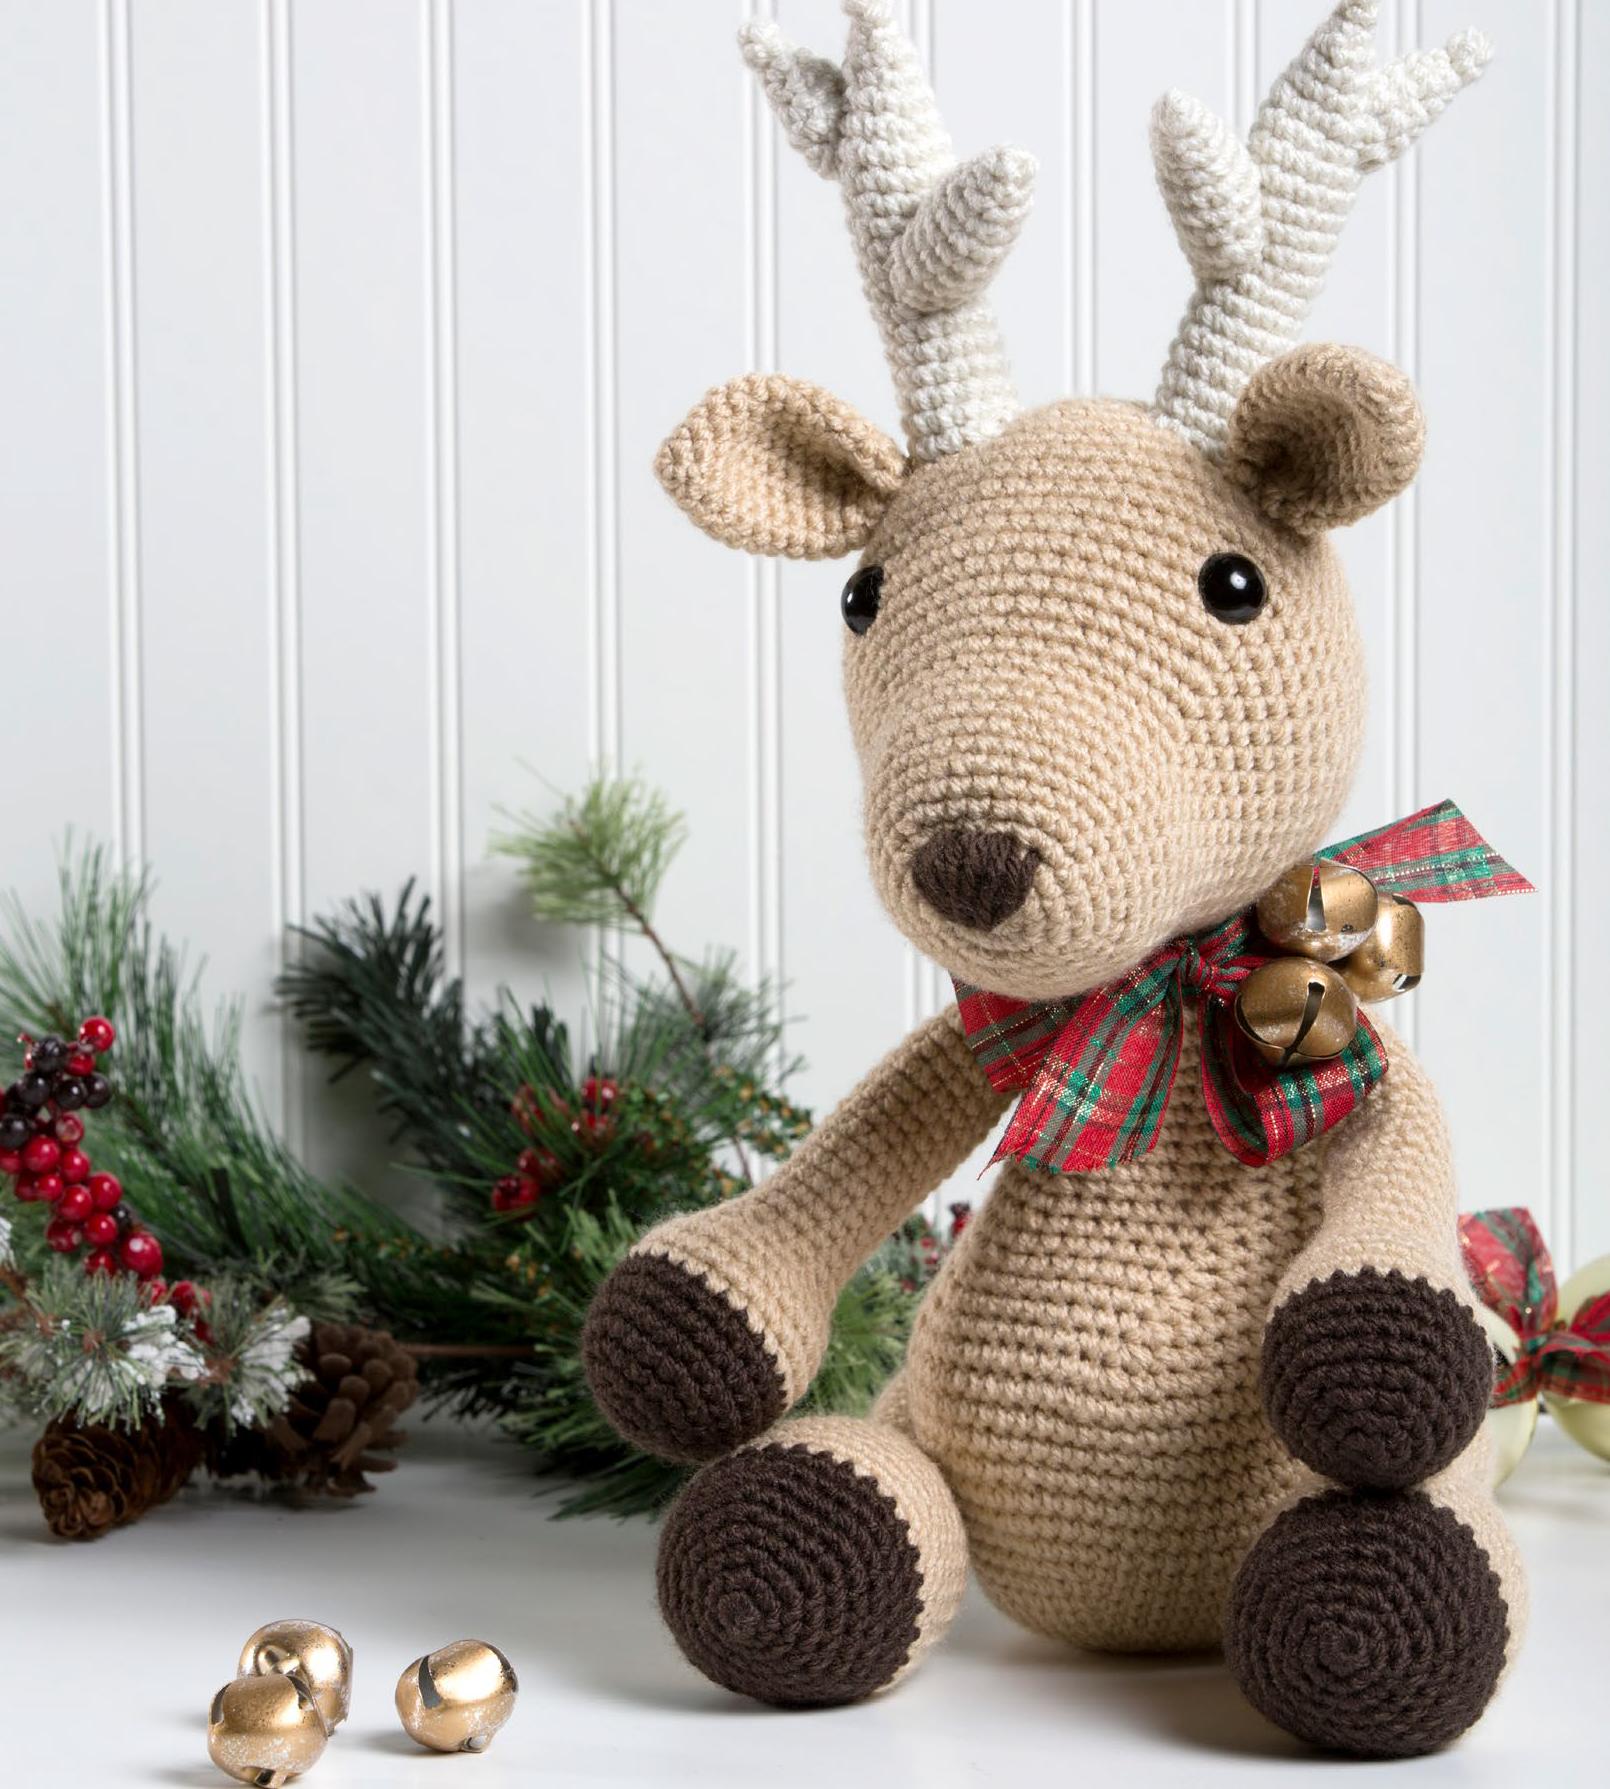 Bucky The Reindeer Diy Stuffed Animal Holiday Decor Crochet A